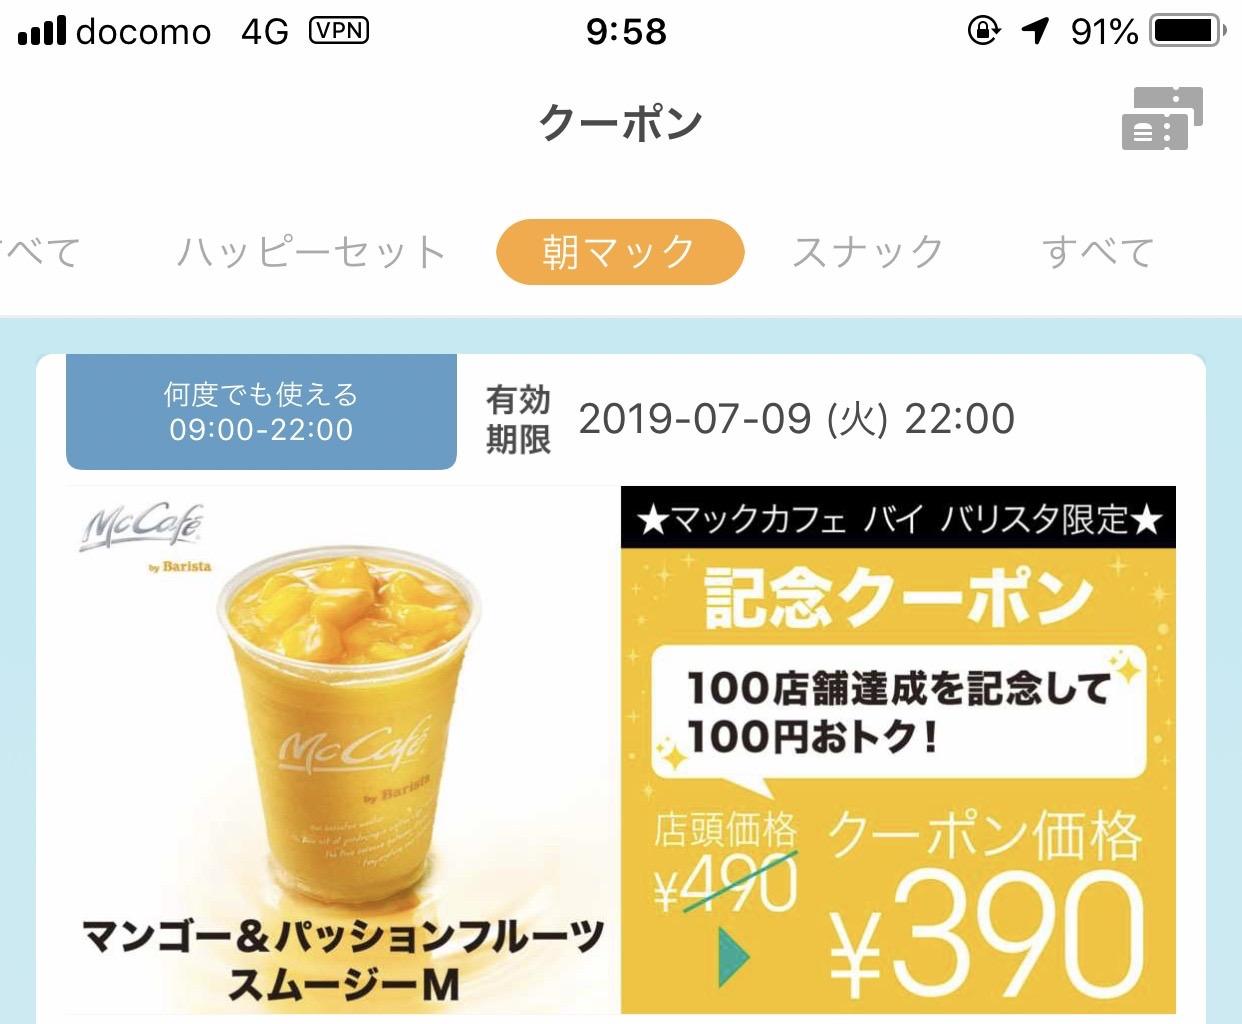 マクドナルドアプリは位置情報を使ってクーポンを表示していたのね